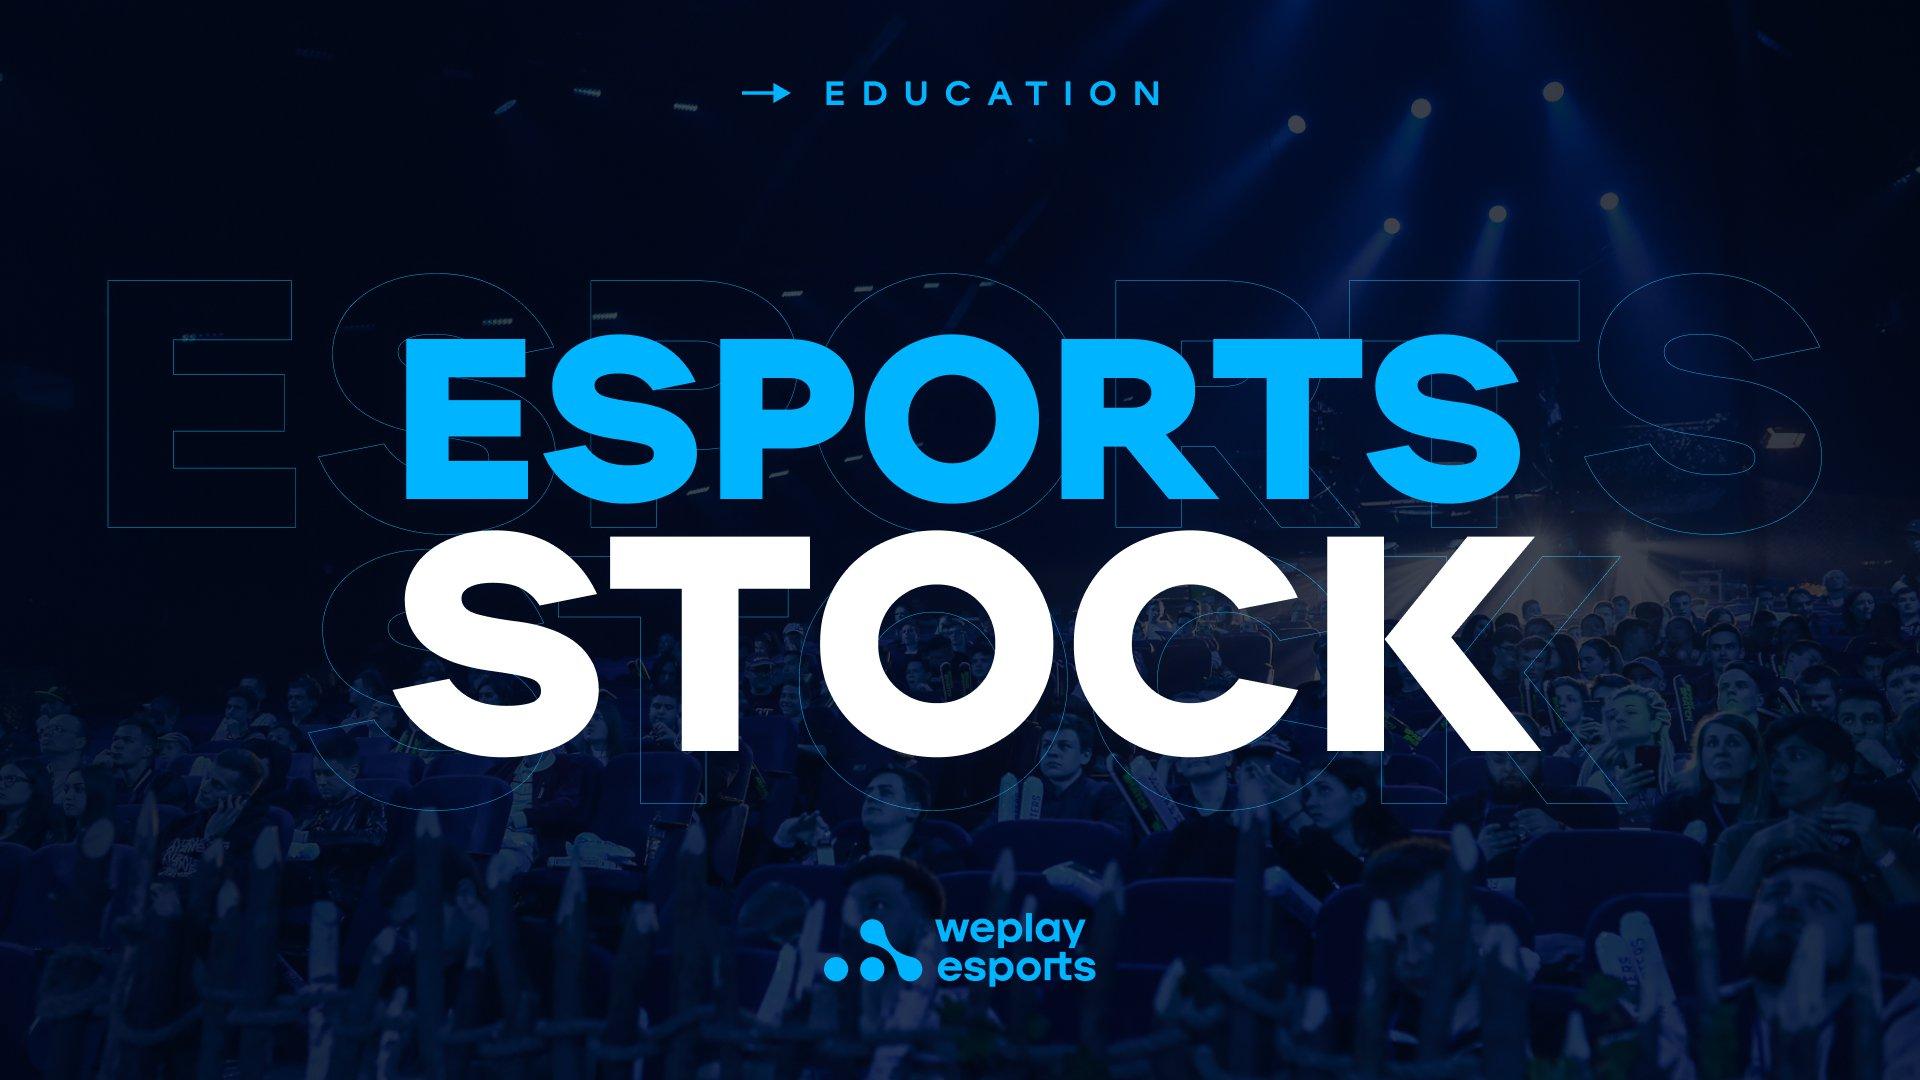 Esports stock. Image: WePlay Holding